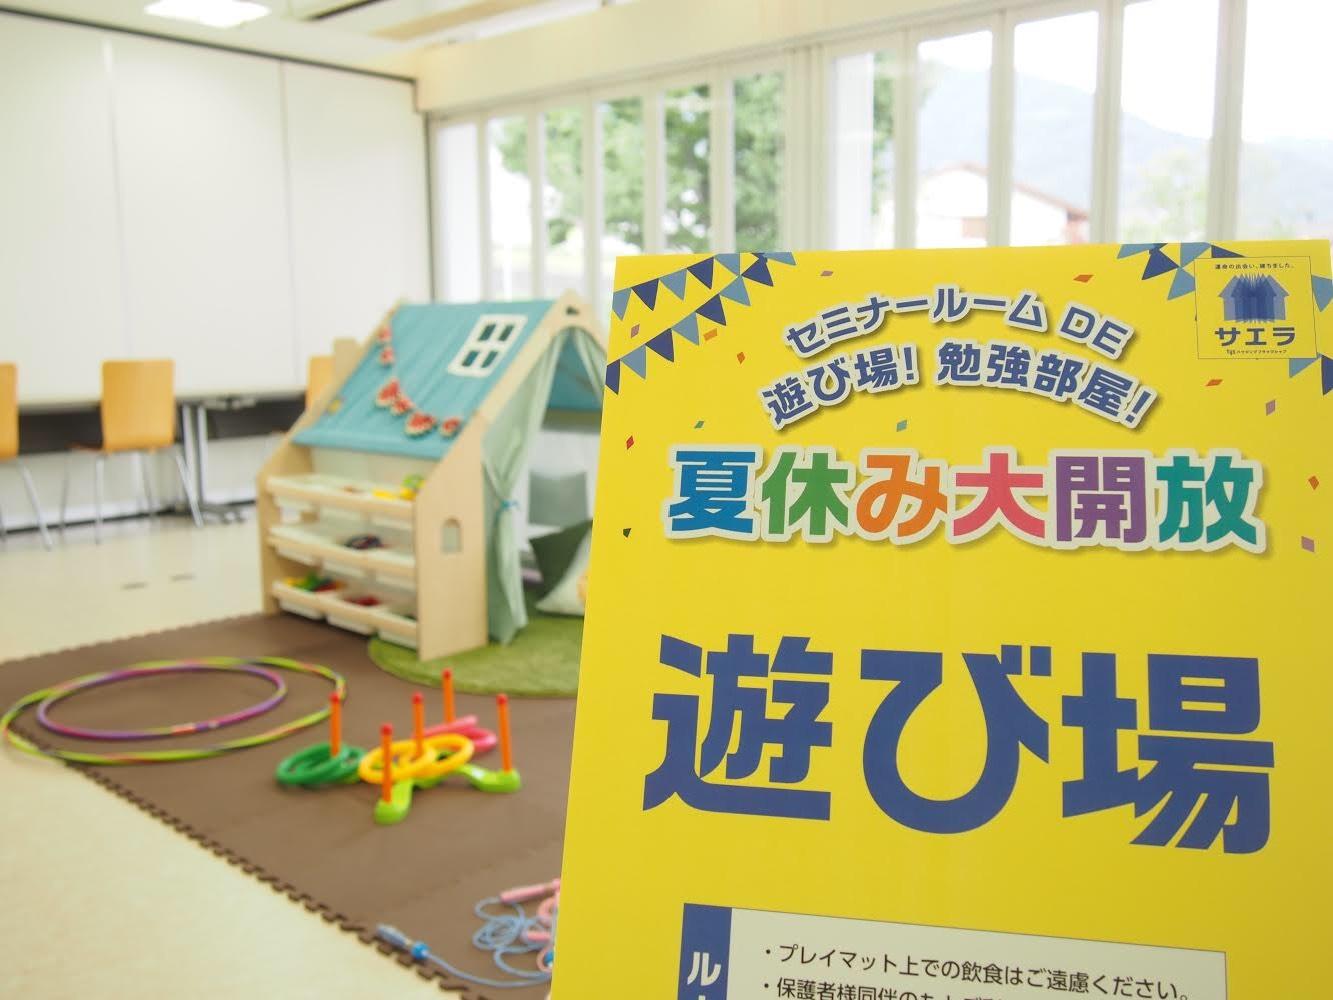 画像:夏休み大開放 セミナールーム DE 遊び場!勉強部屋!